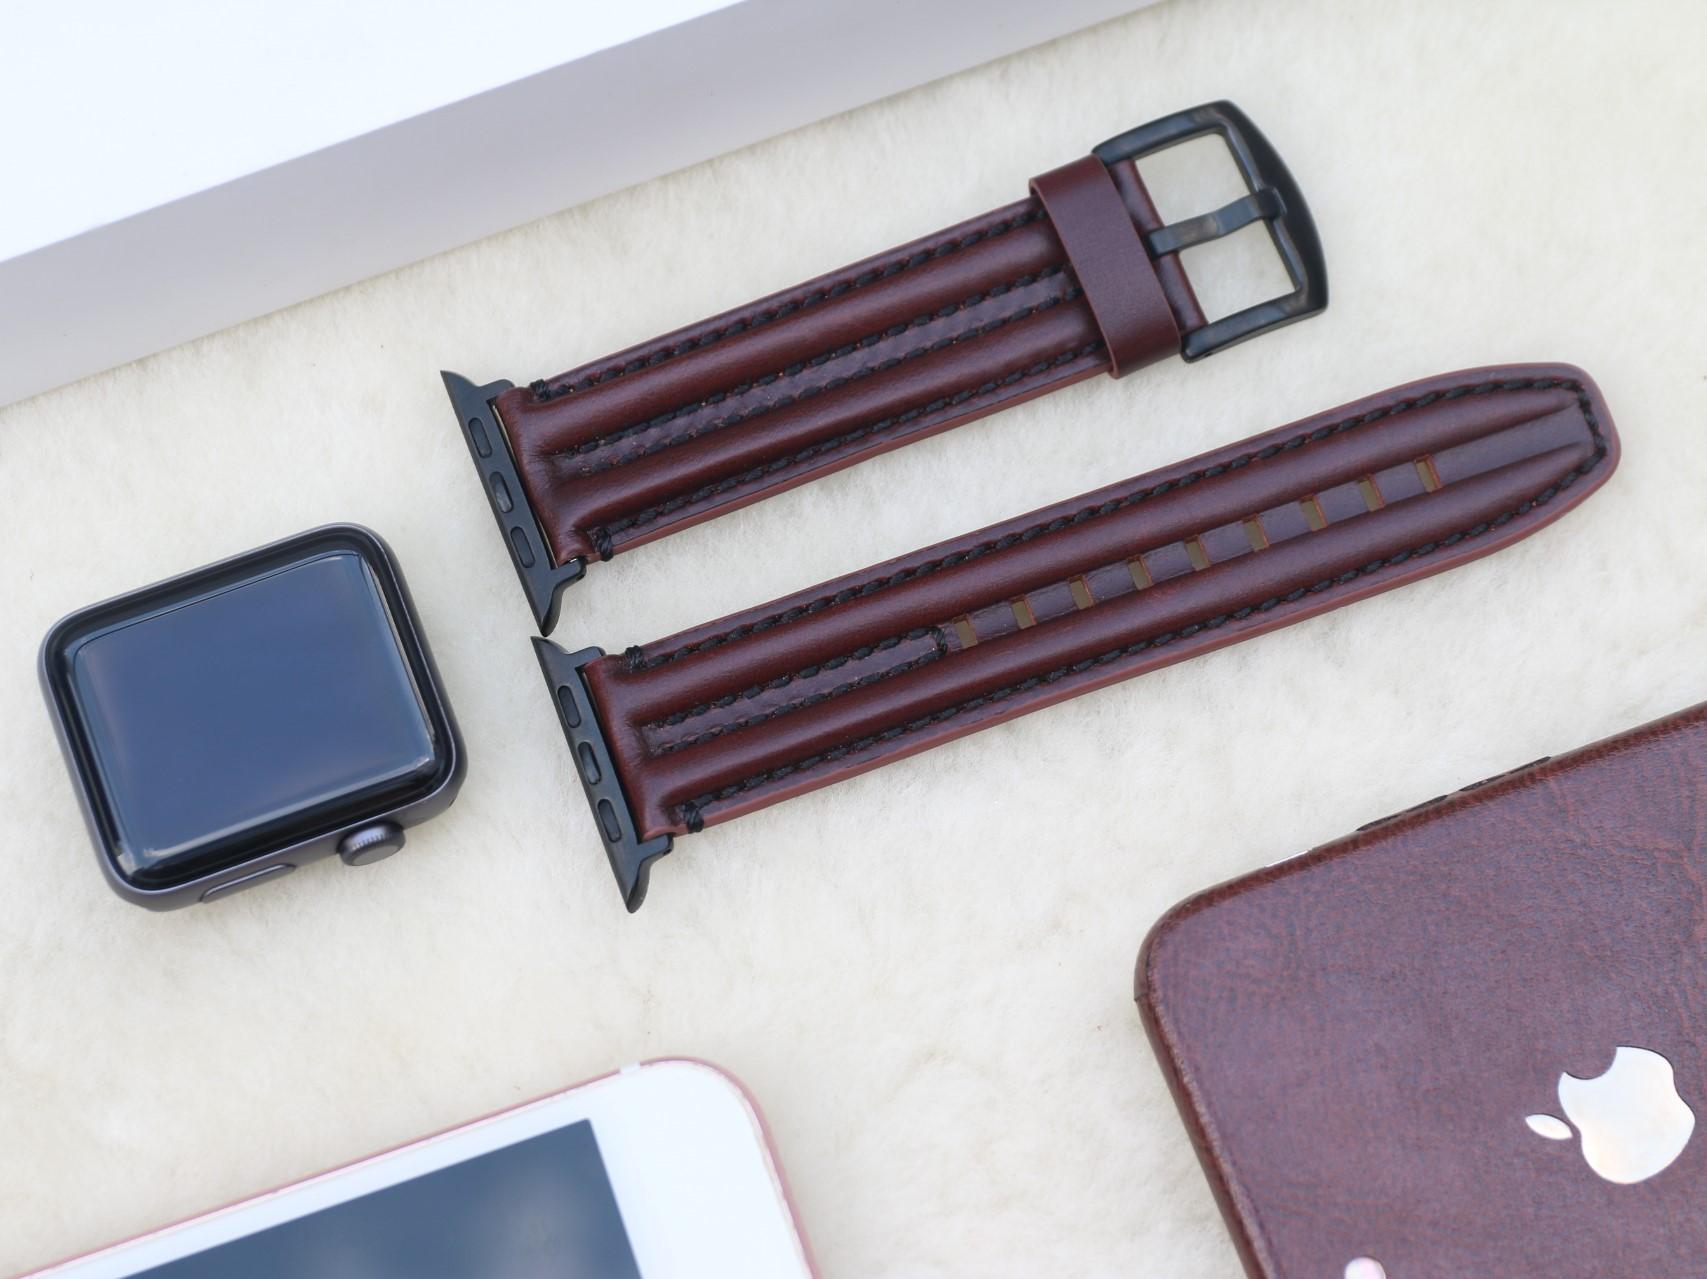 Dây Da Bò Sinewy phong cách Bụi bậm, Hầm hố dành cho Apple Watch Size 38mm / 40mm / 42mm / 44mm